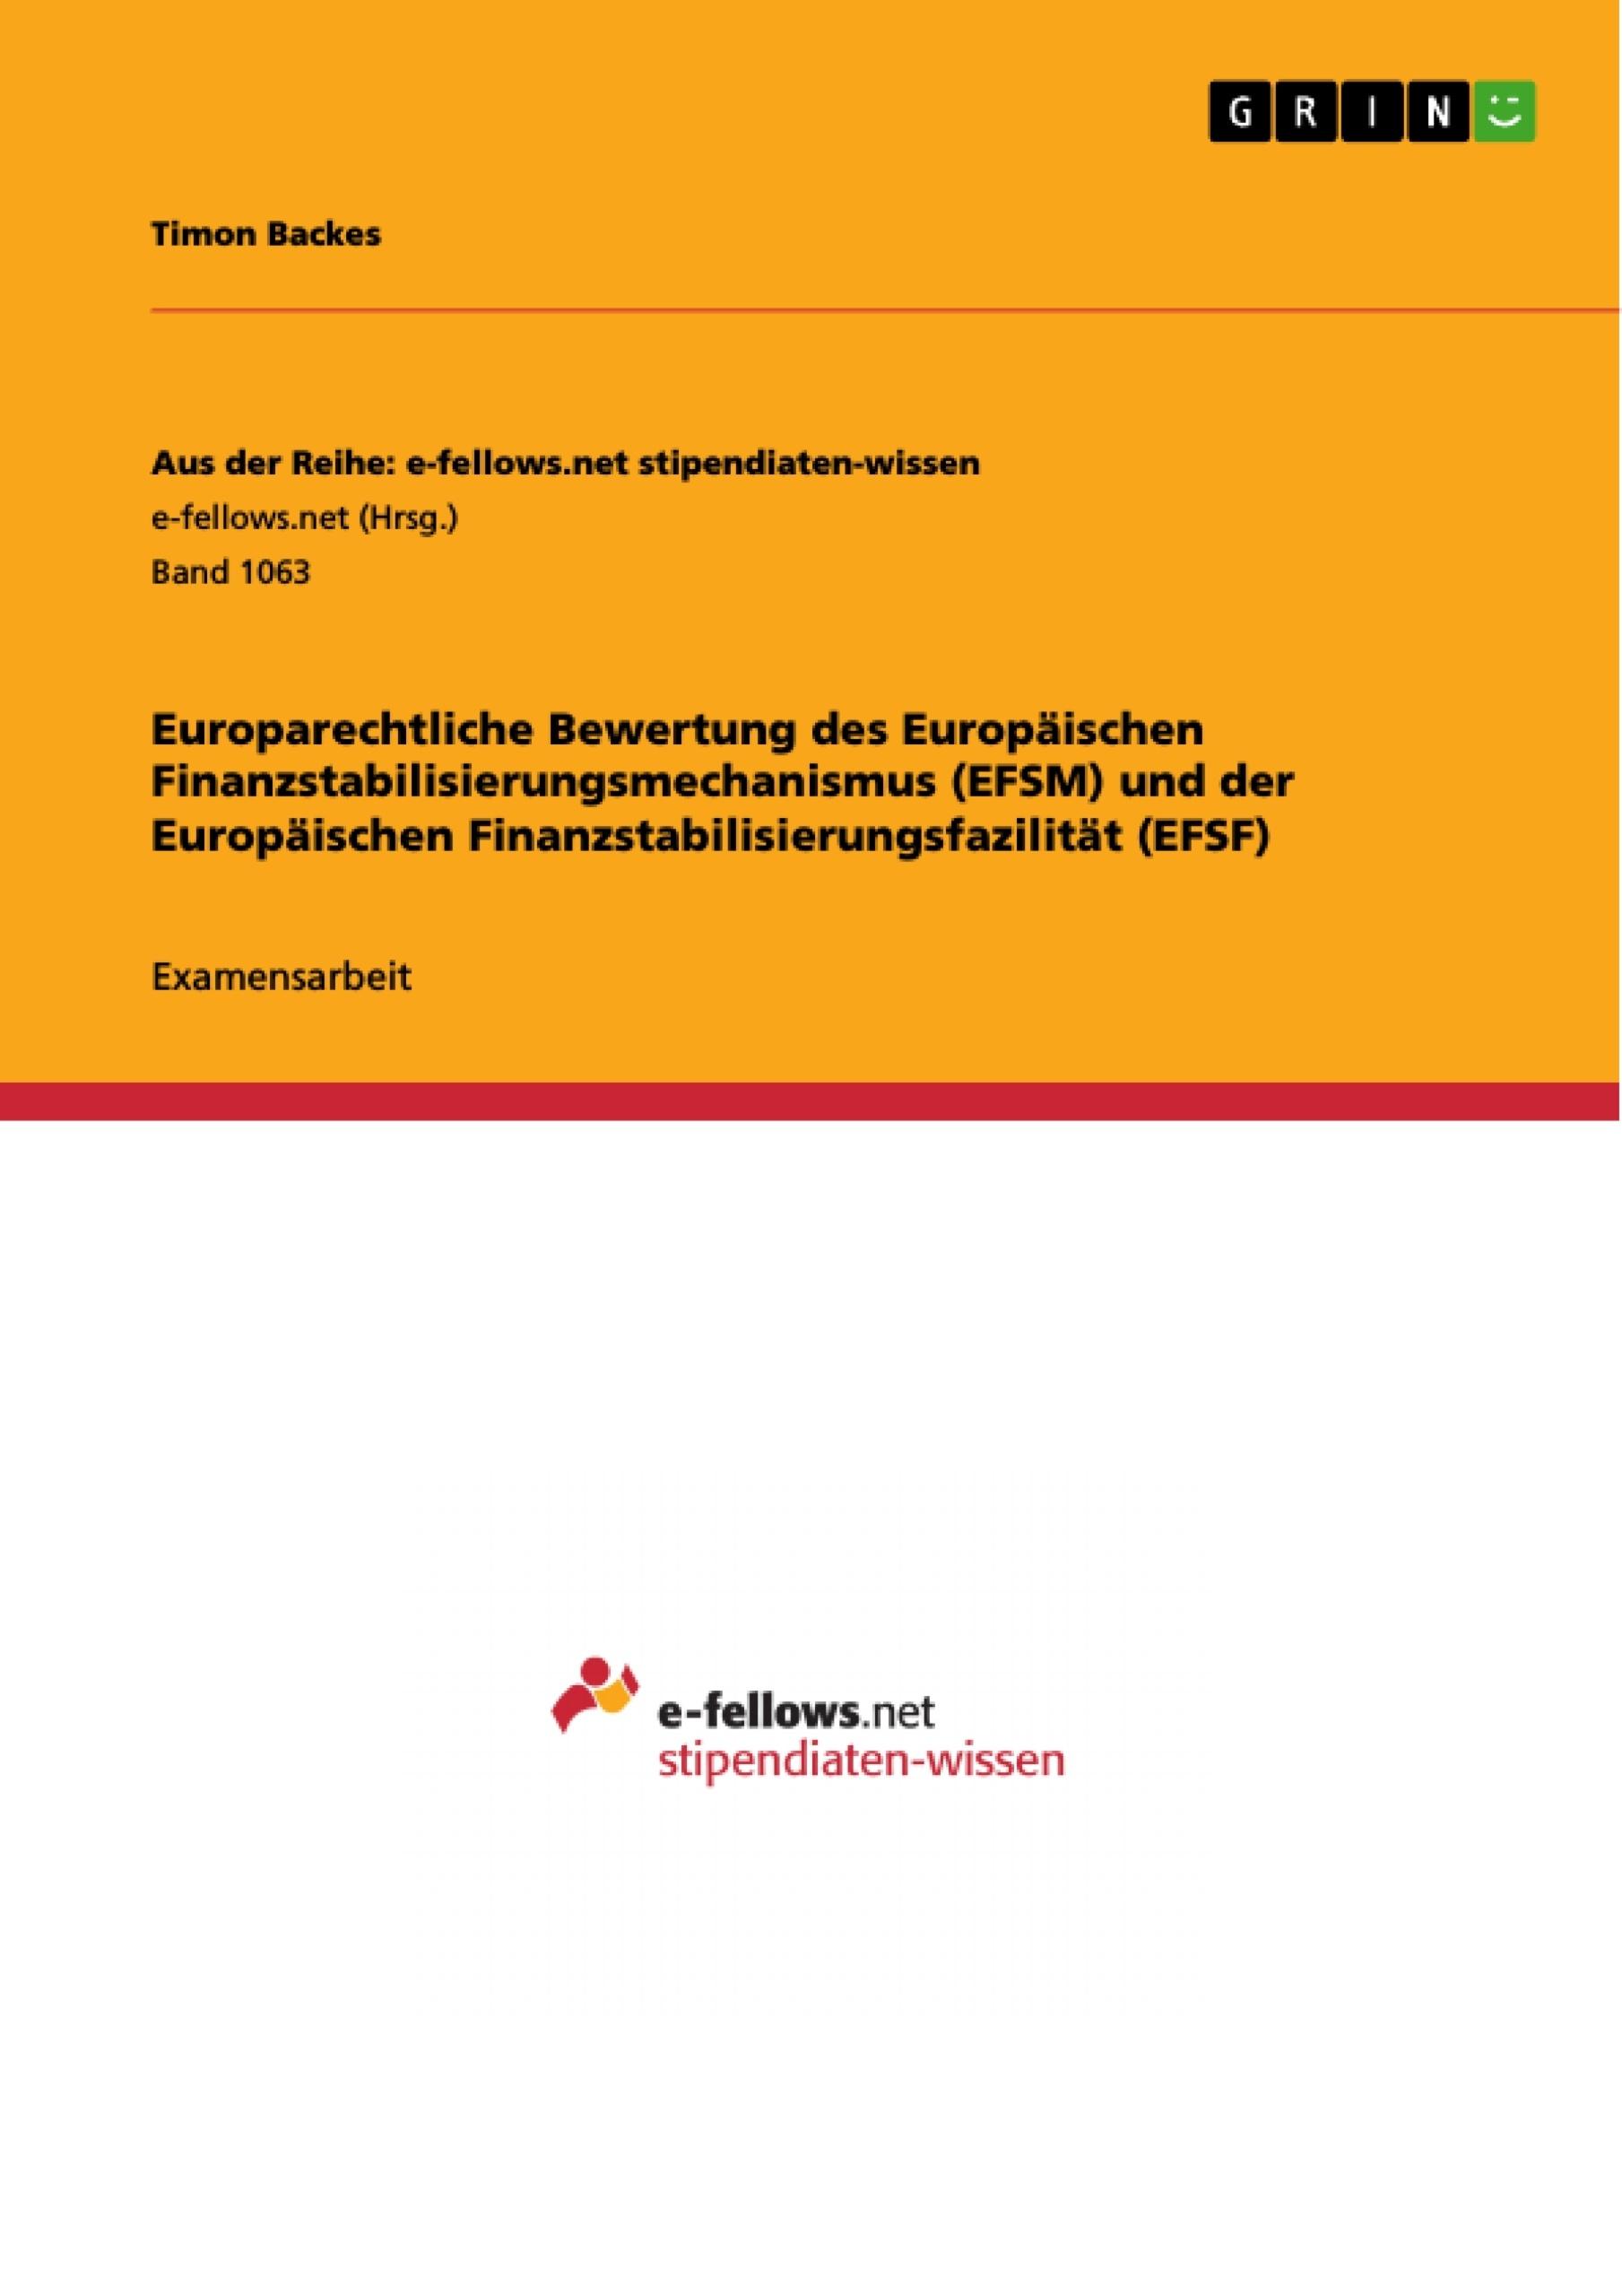 Titel: Europarechtliche Bewertung des Europäischen Finanzstabilisierungsmechanismus (EFSM) und der Europäischen Finanzstabilisierungsfazilität (EFSF)